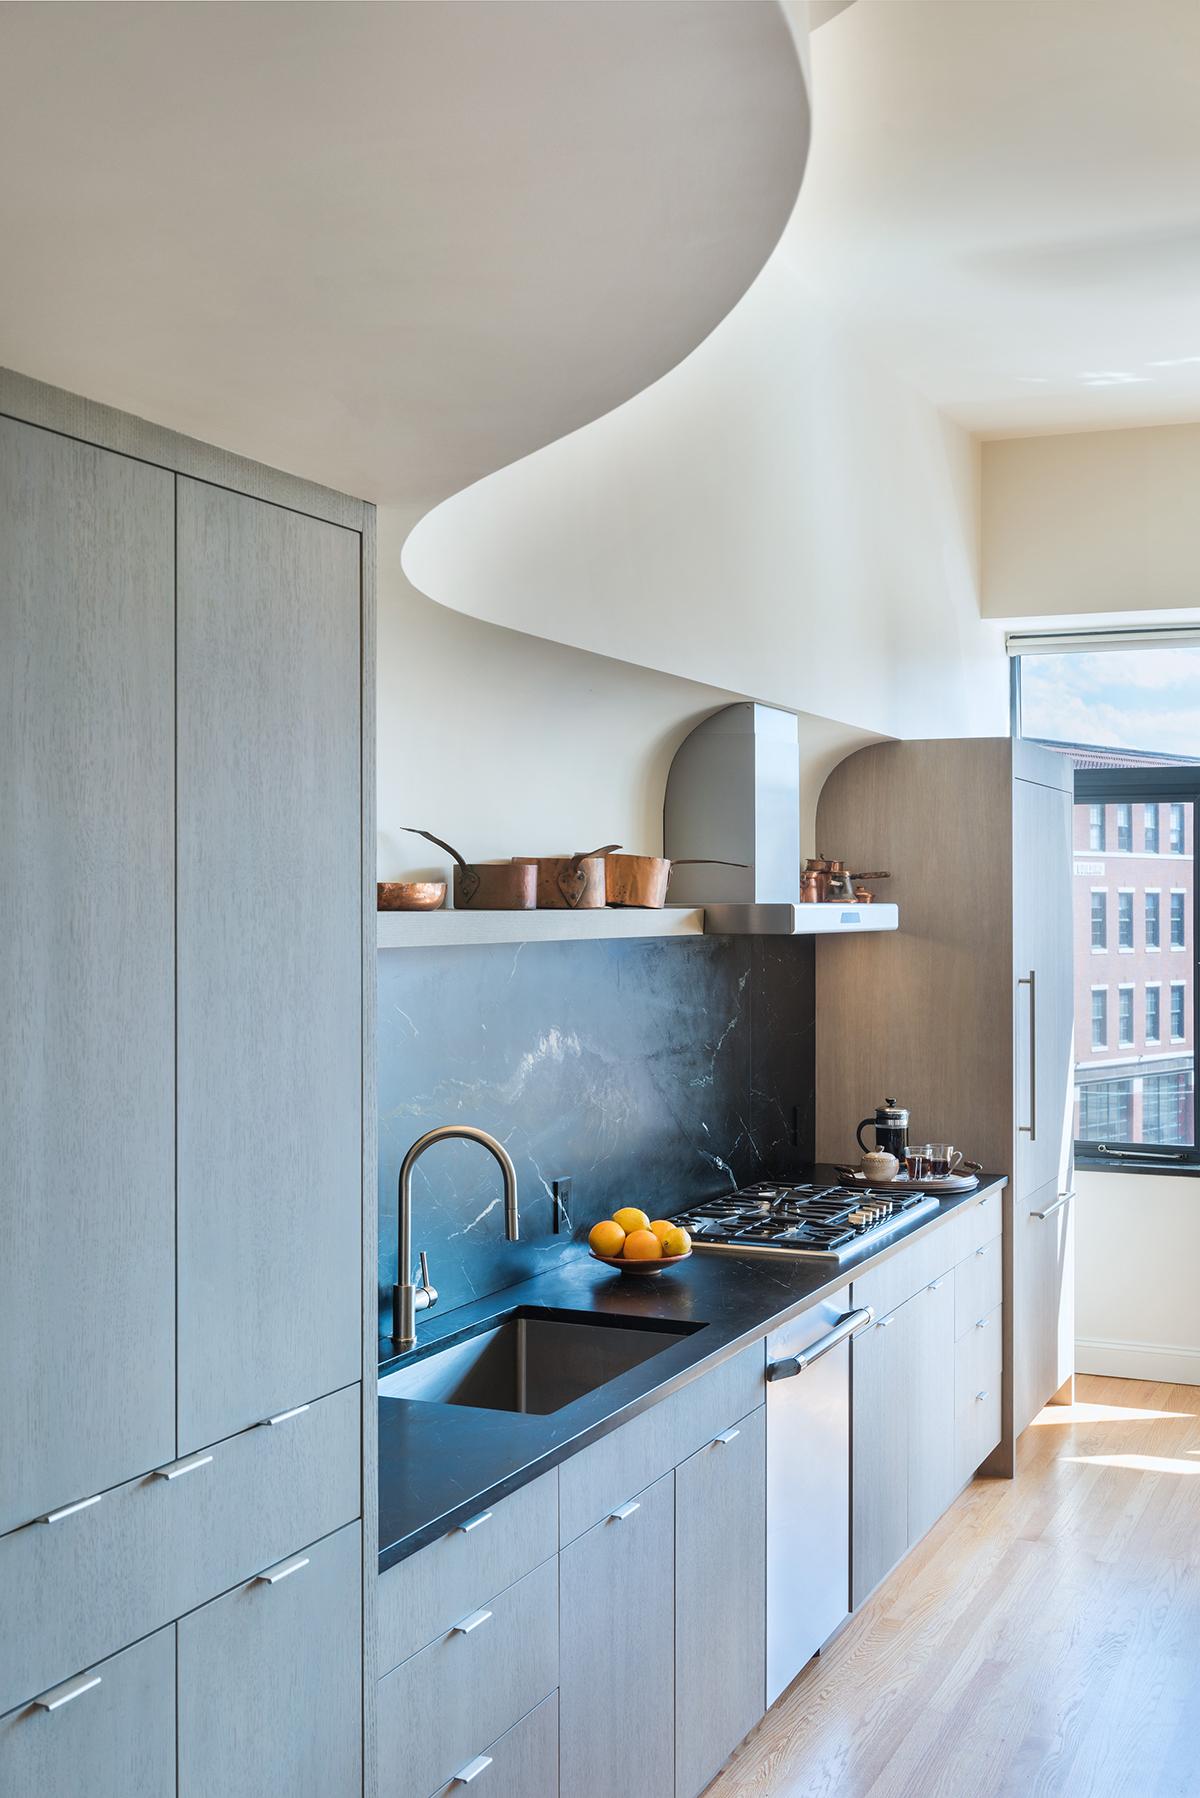 2018 Master Design Awards: Kitchen $75,000-$150,000 | Remodeling ...